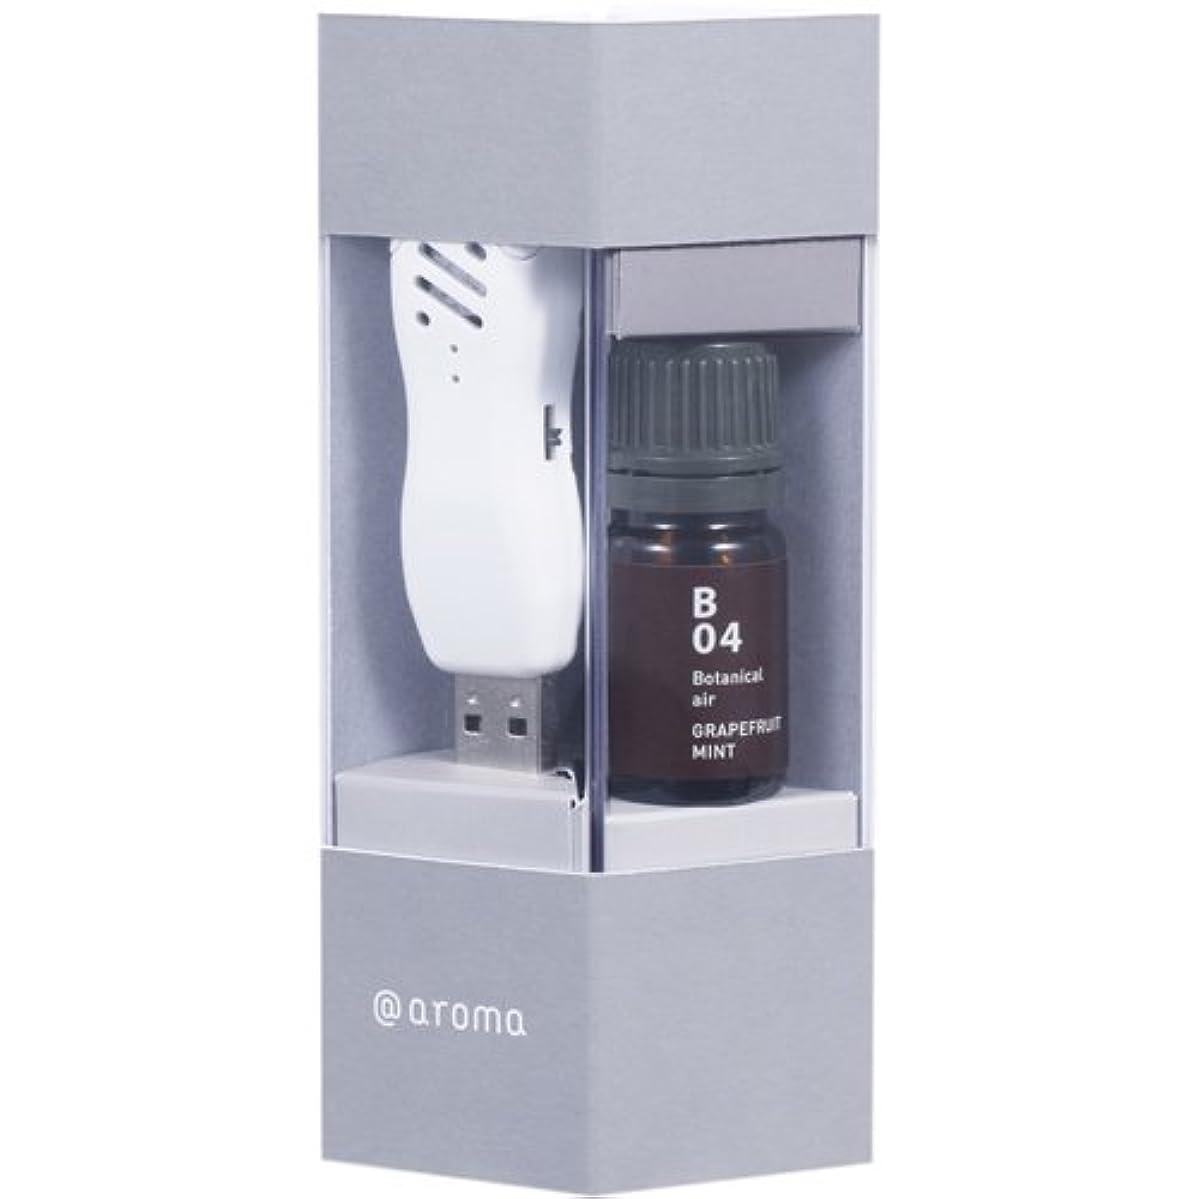 作業ロッドUSB aroma time(USBアロマタイム) セット(B04 グレープフルーツミント) 本体+エッセンシャルオイル